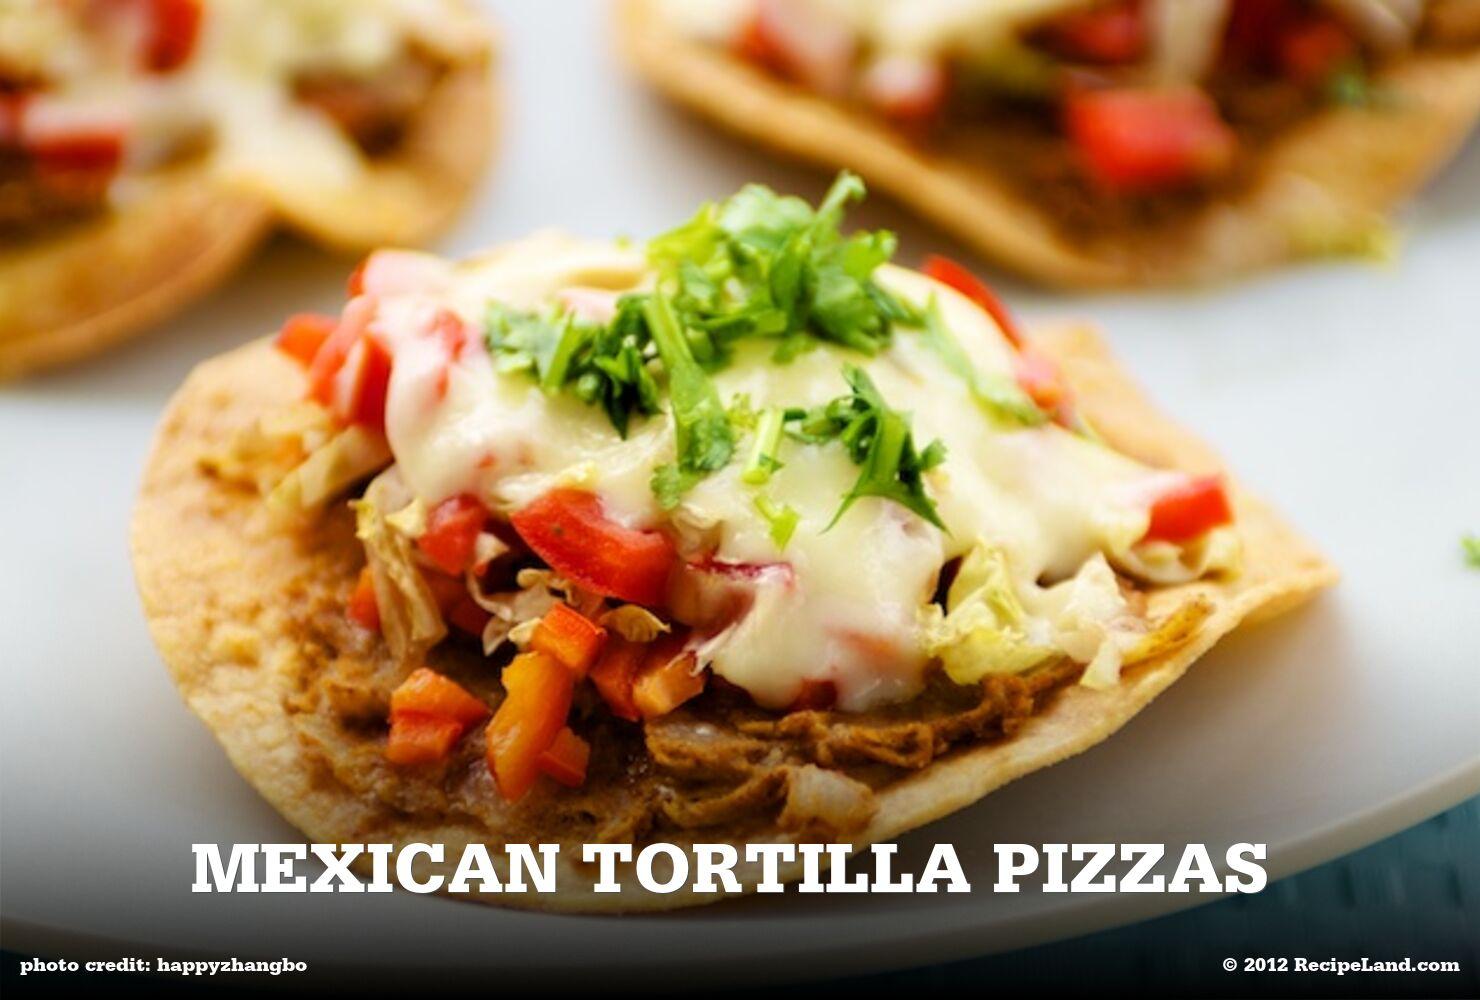 Mexican Tortilla Pizzas